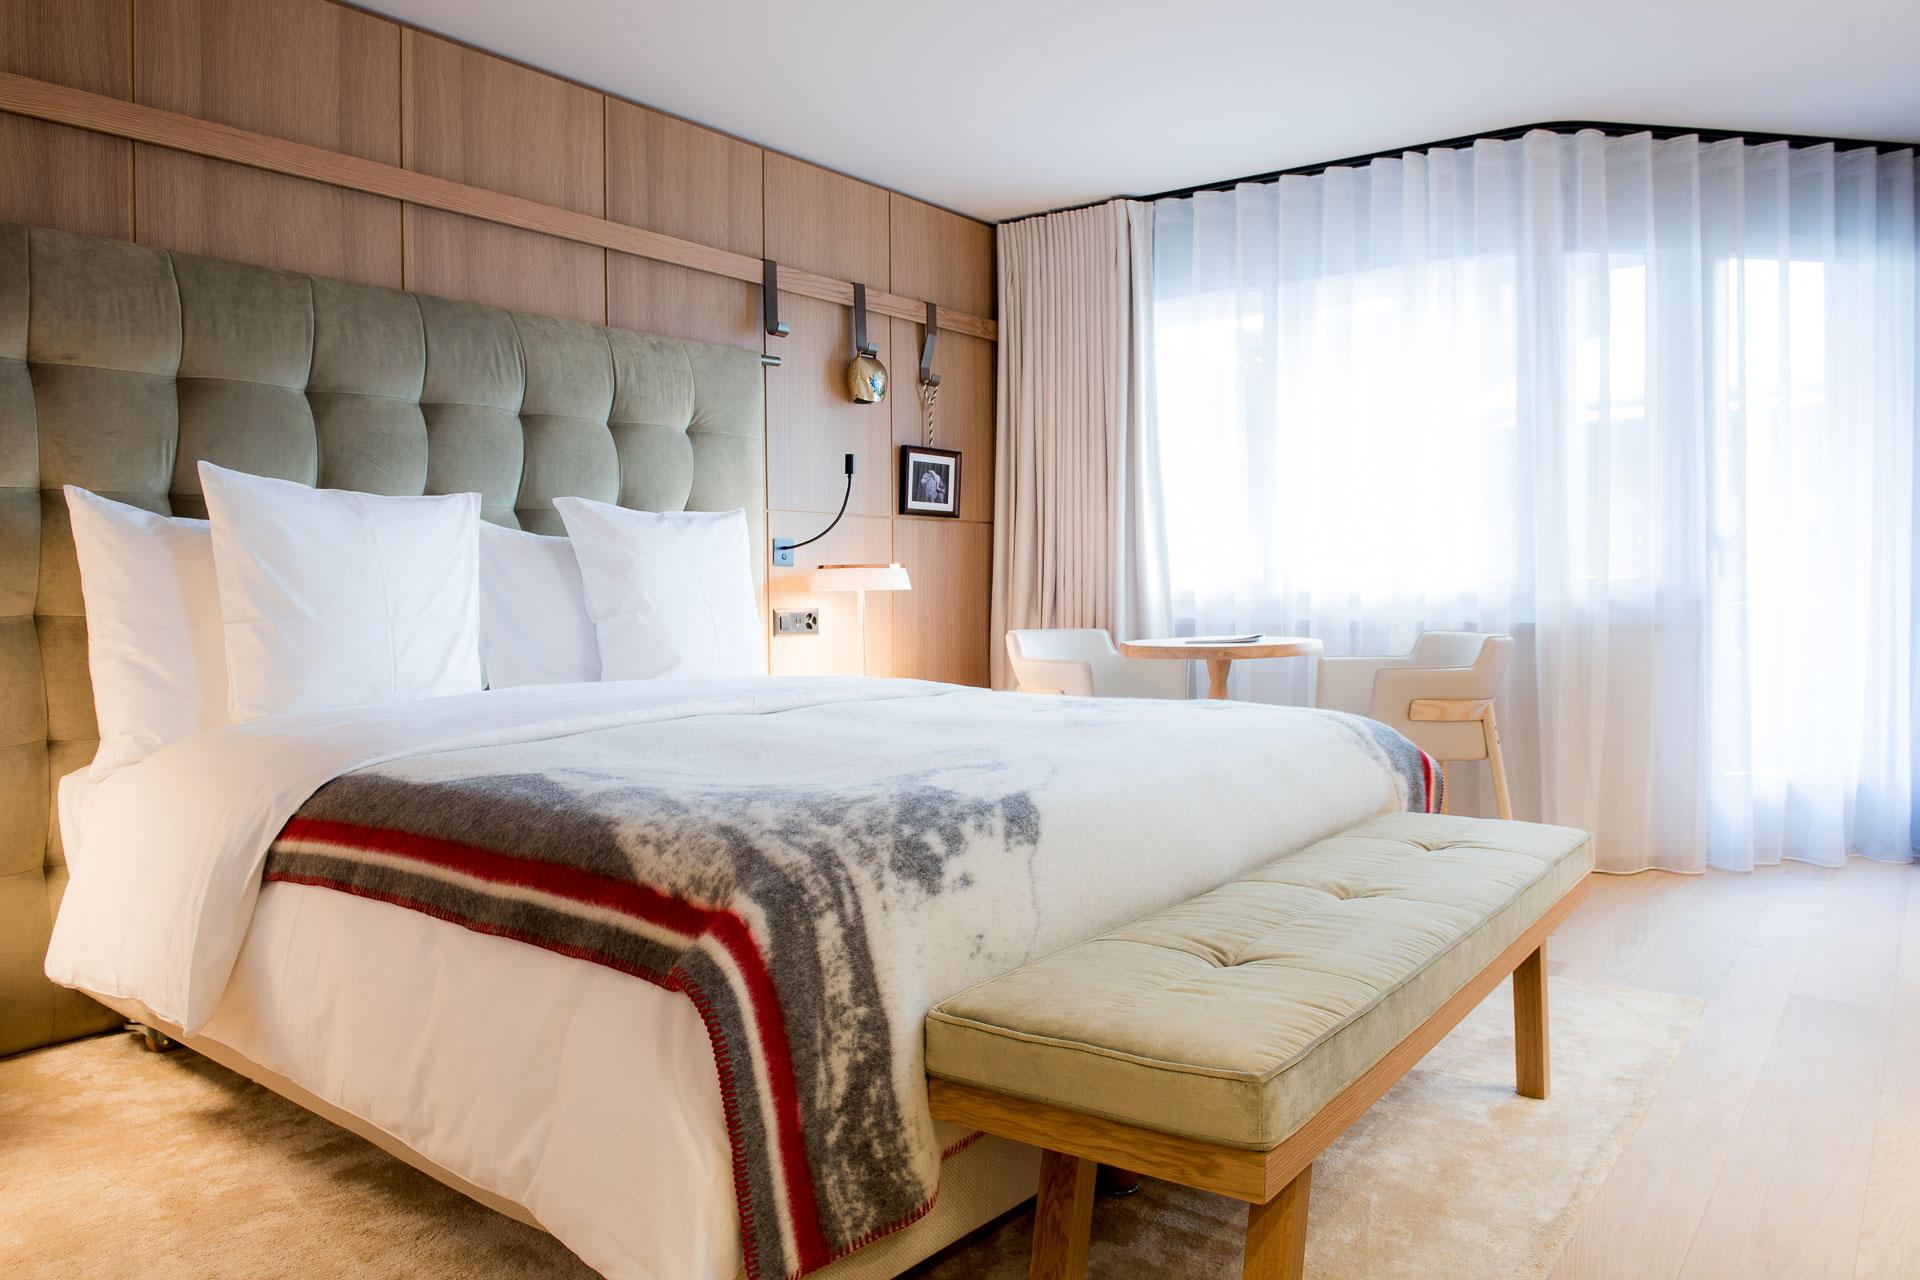 En prenant le contrôle du Schweizerhof à Zermatt, Michel Reybier (La Réserve, Château Cos d'Estournel) offre au célèbre établissement de la station suisse un relifting réussi et équilibré entre luxe et décontraction. Visite guidée de l'une des (ré)ouvertures les plus marquantes de la saison.